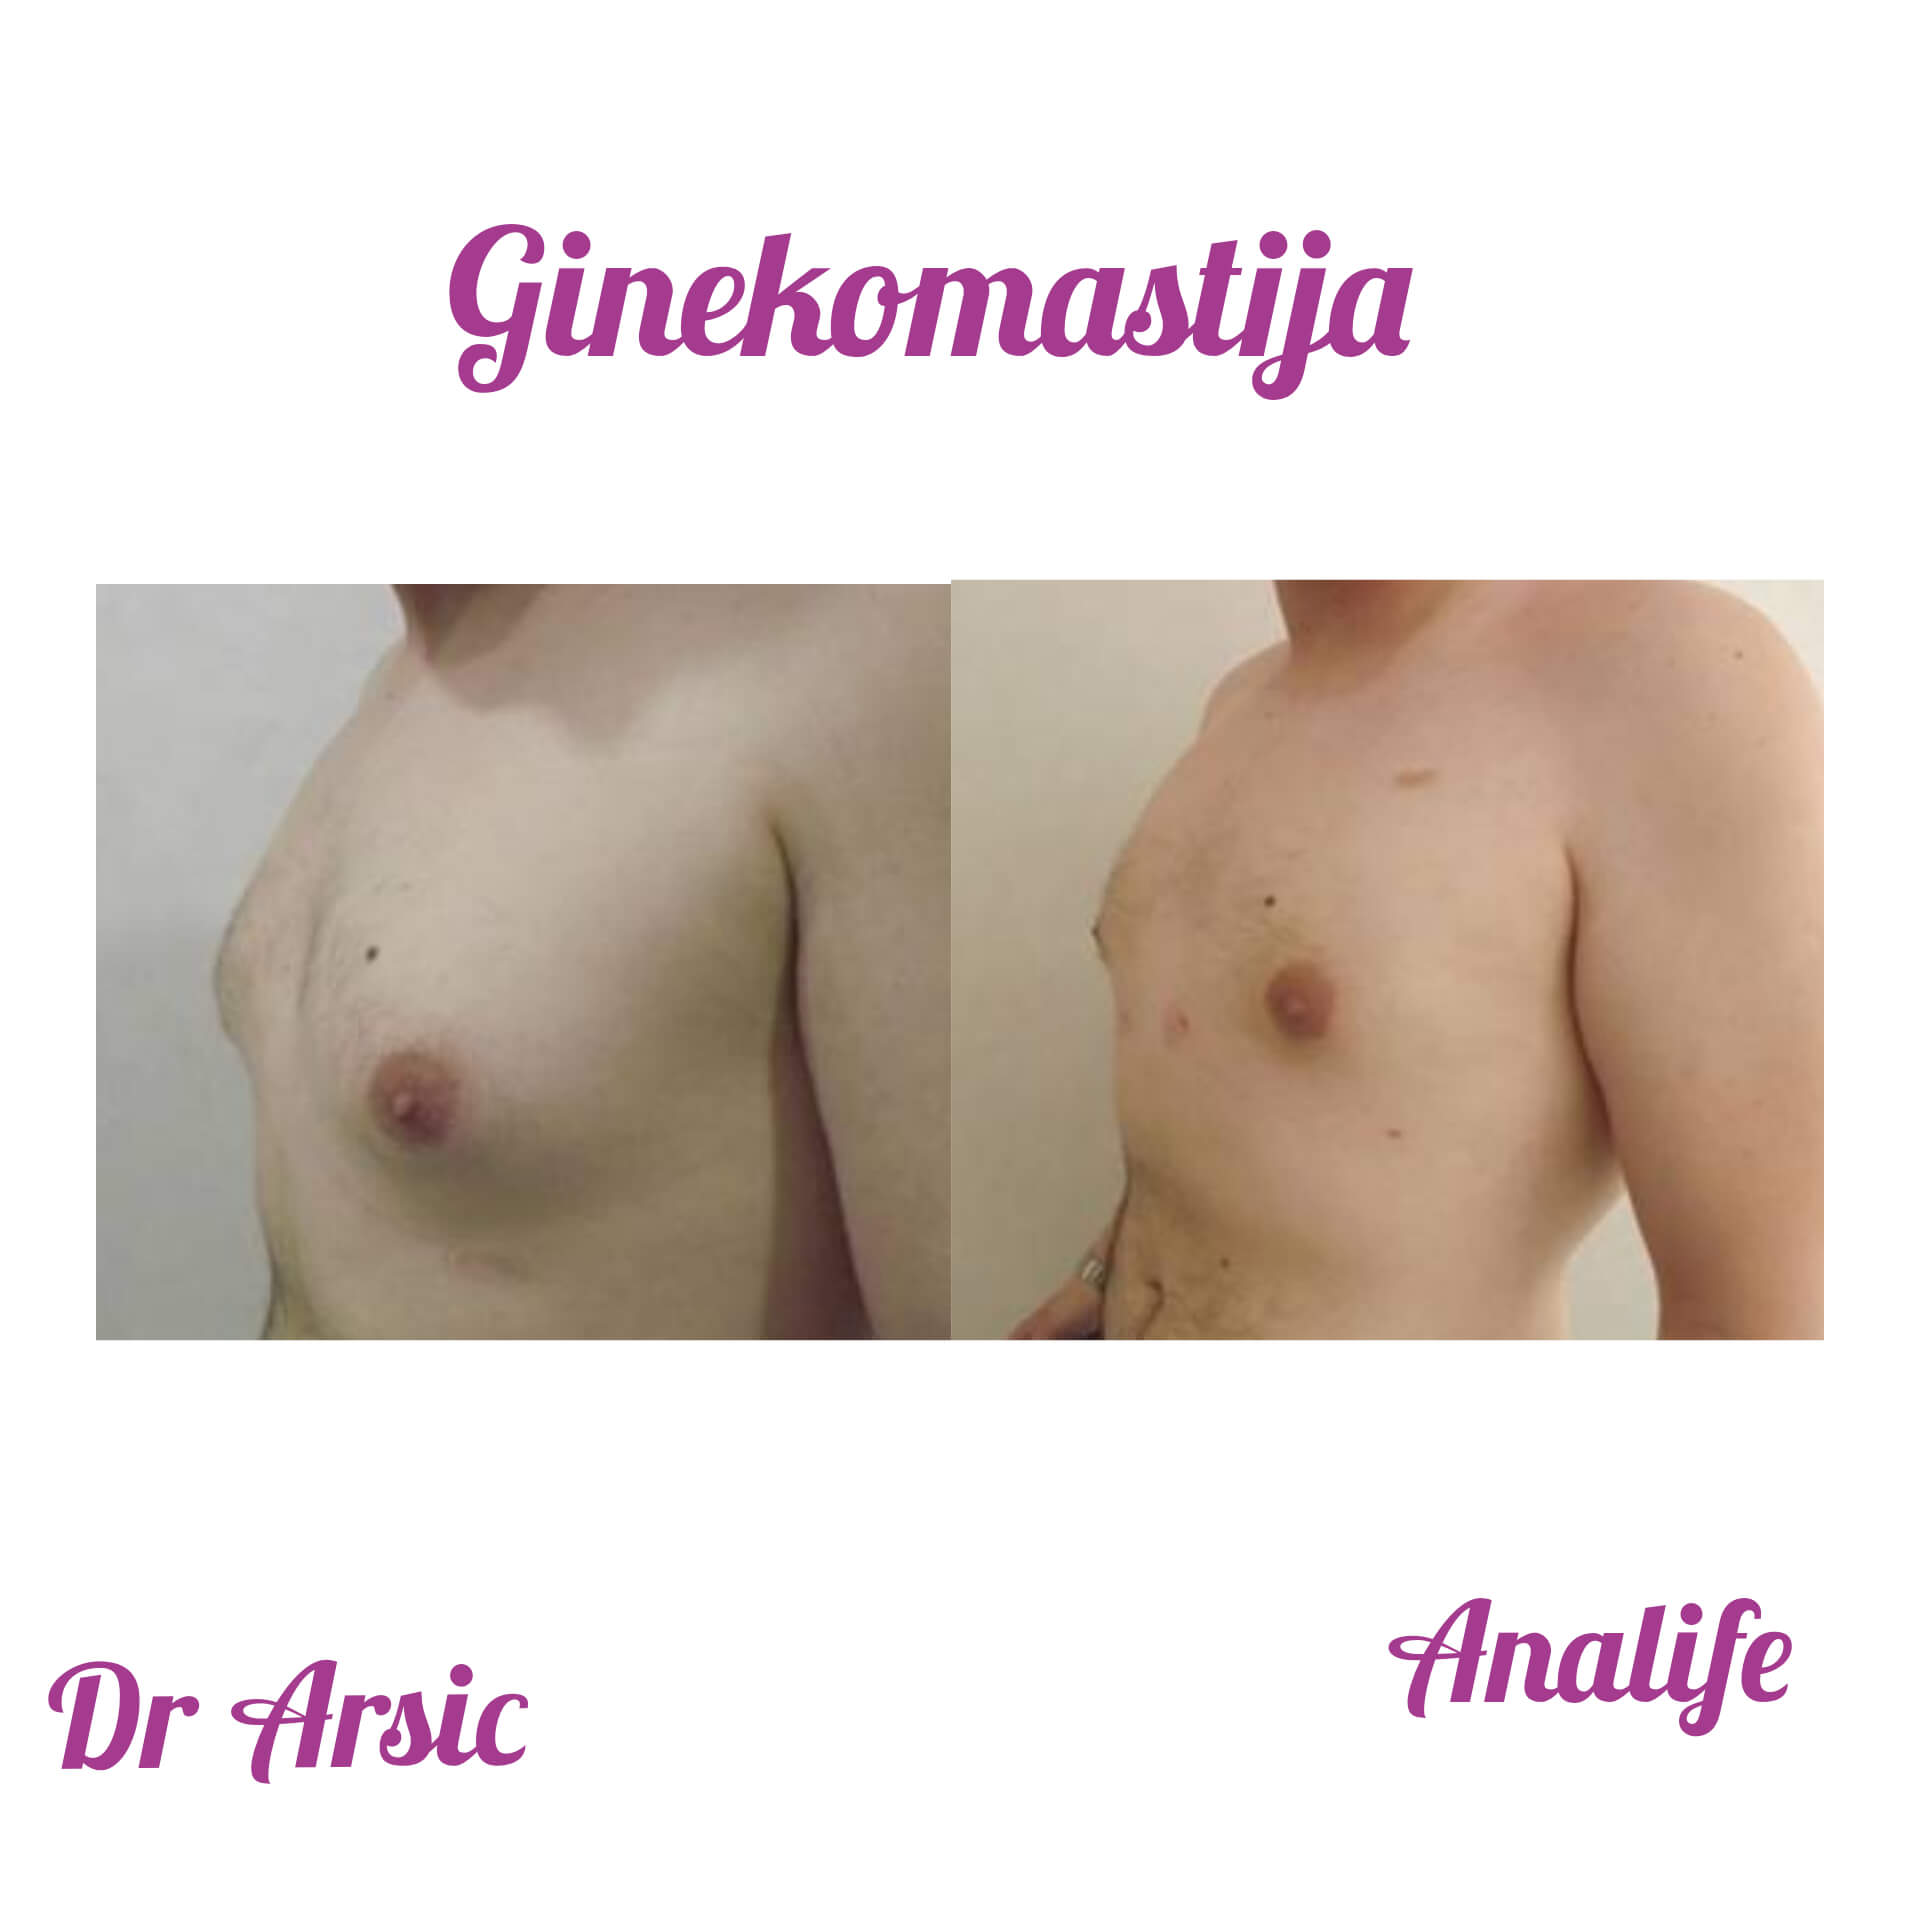 Ginekomastija - Ko je kandidat za ovu vrstu operacije?